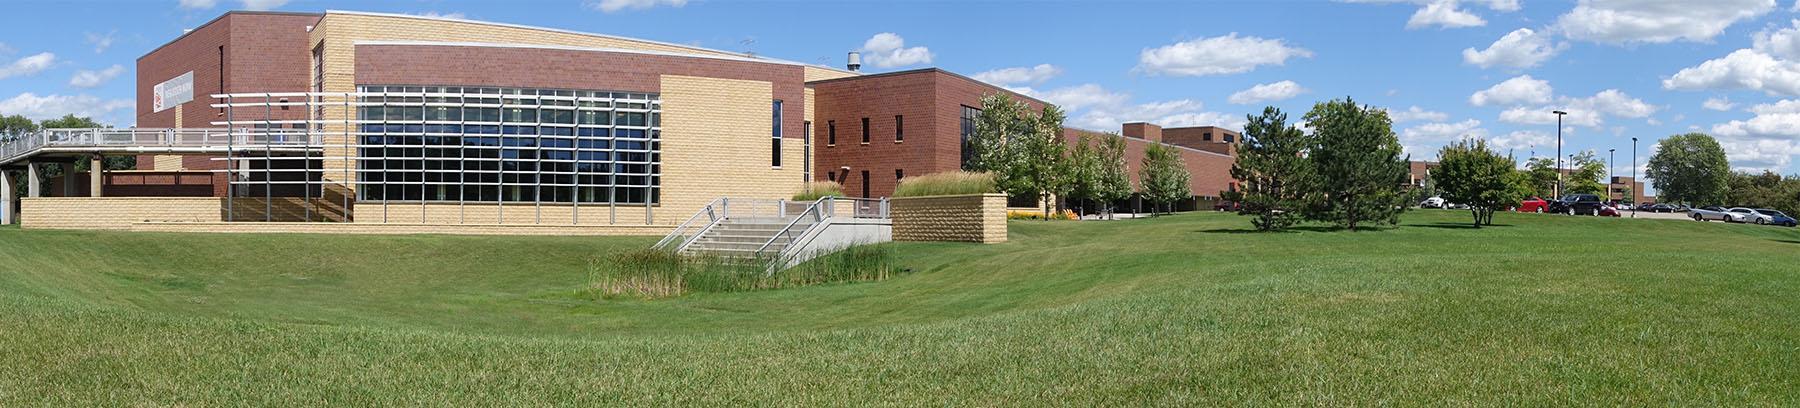 Century College East campus